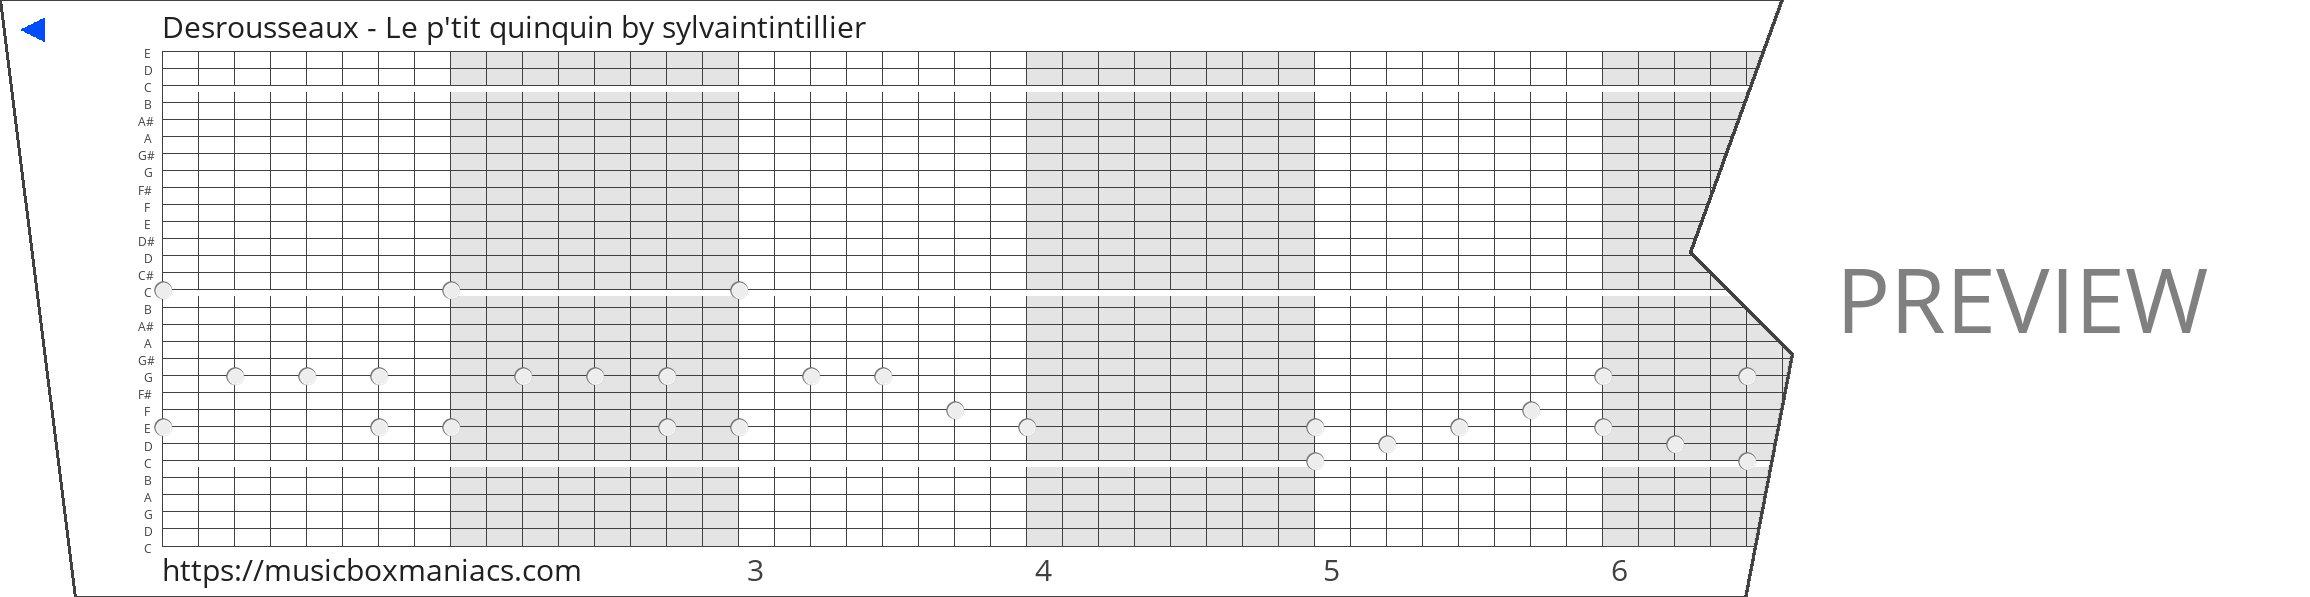 Desrousseaux - Le p'tit quinquin 30 note music box paper strip